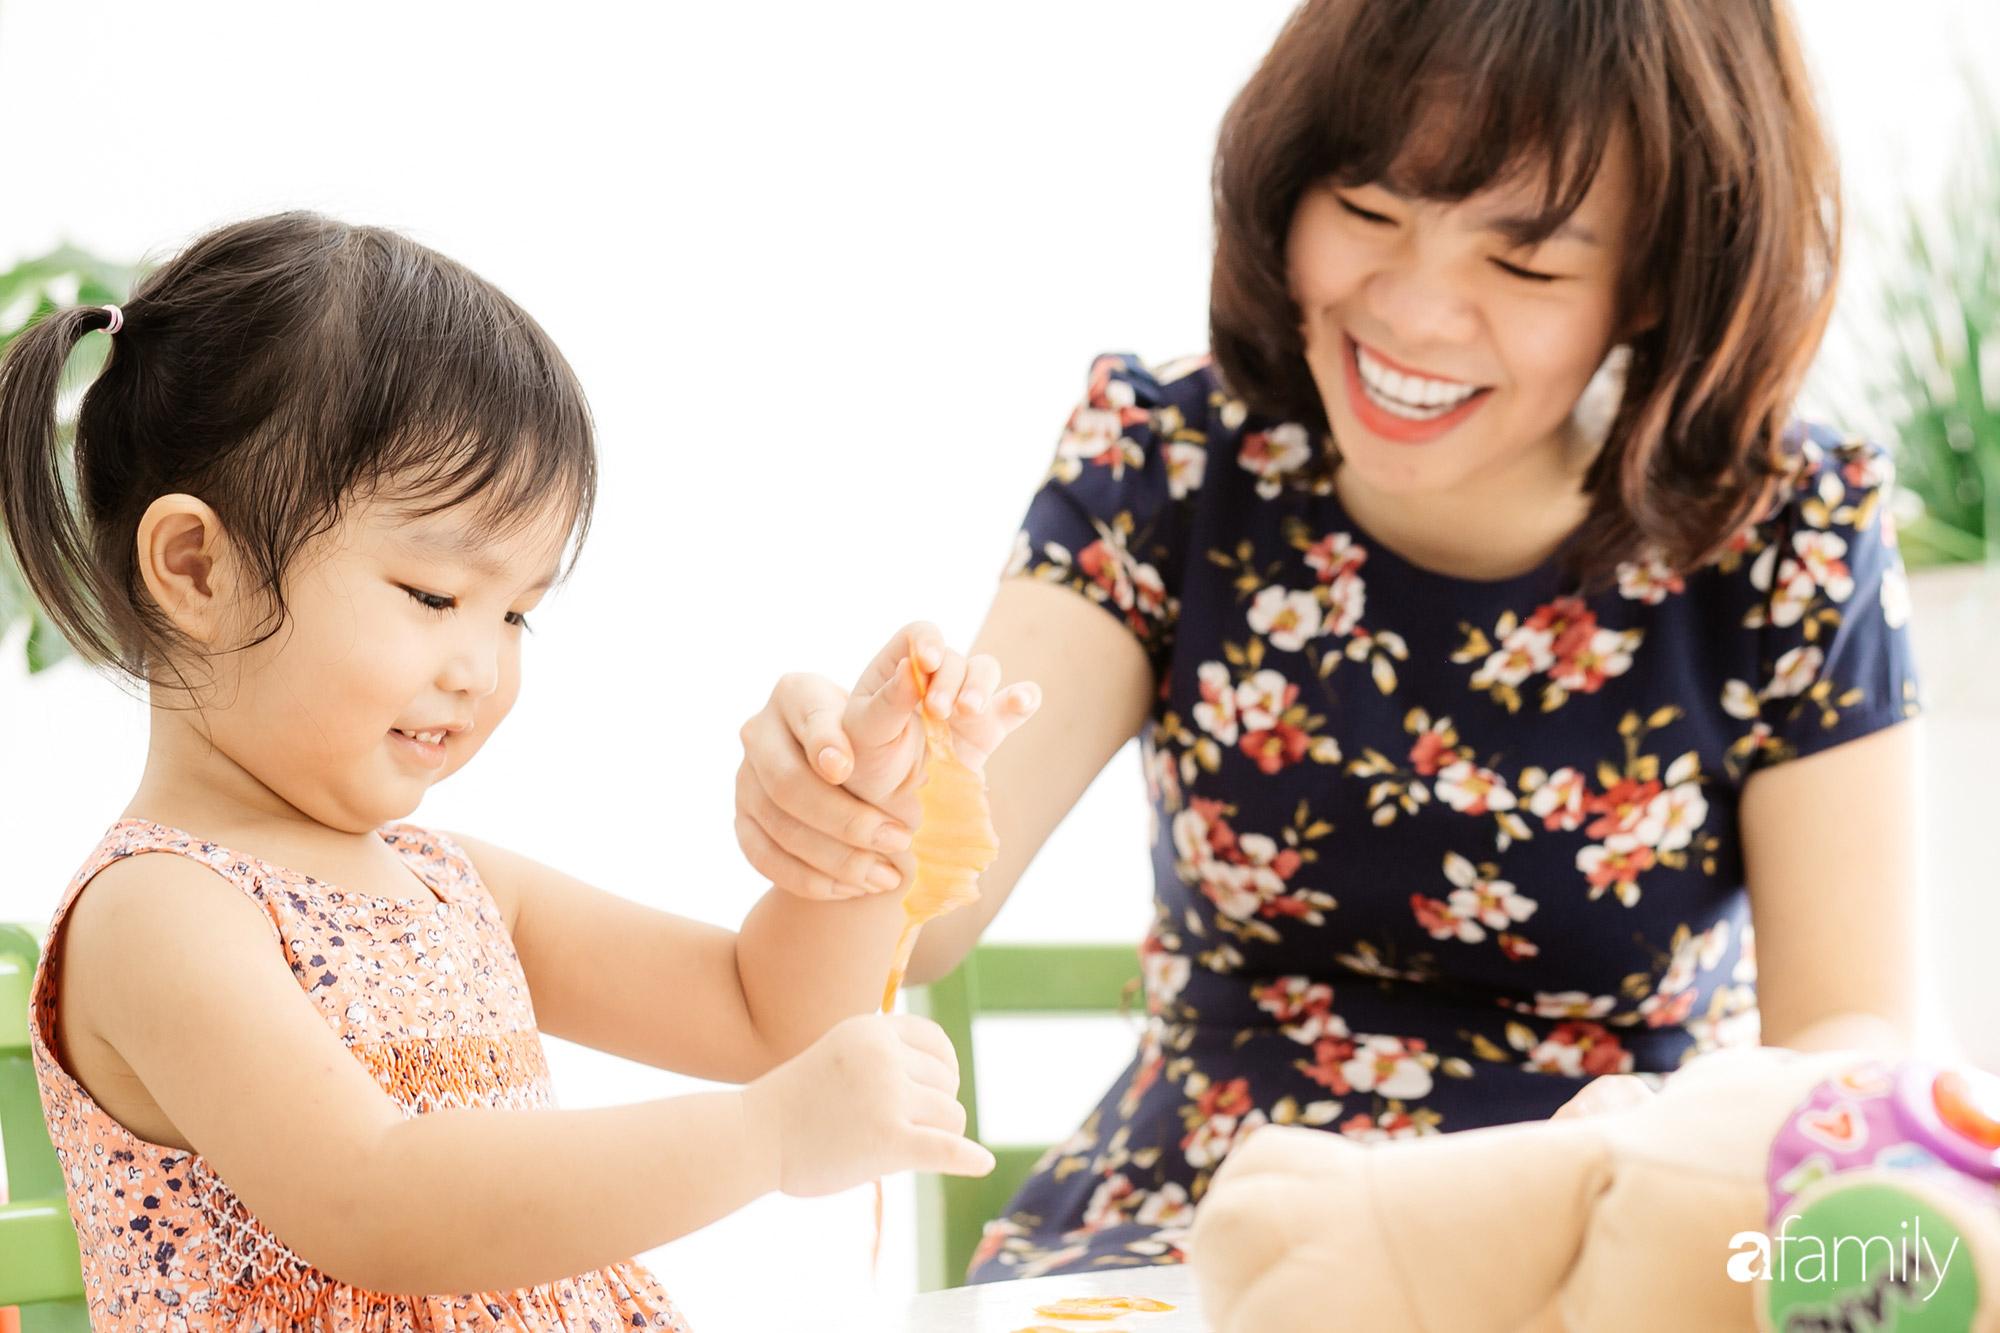 Uyên Phương, người mẹ quyết định khởi nghiệp vì con: Tôi nghĩ phụ nữ sẽ luôn có lựa chọn tốt hơn là hi sinh - Ảnh 10.